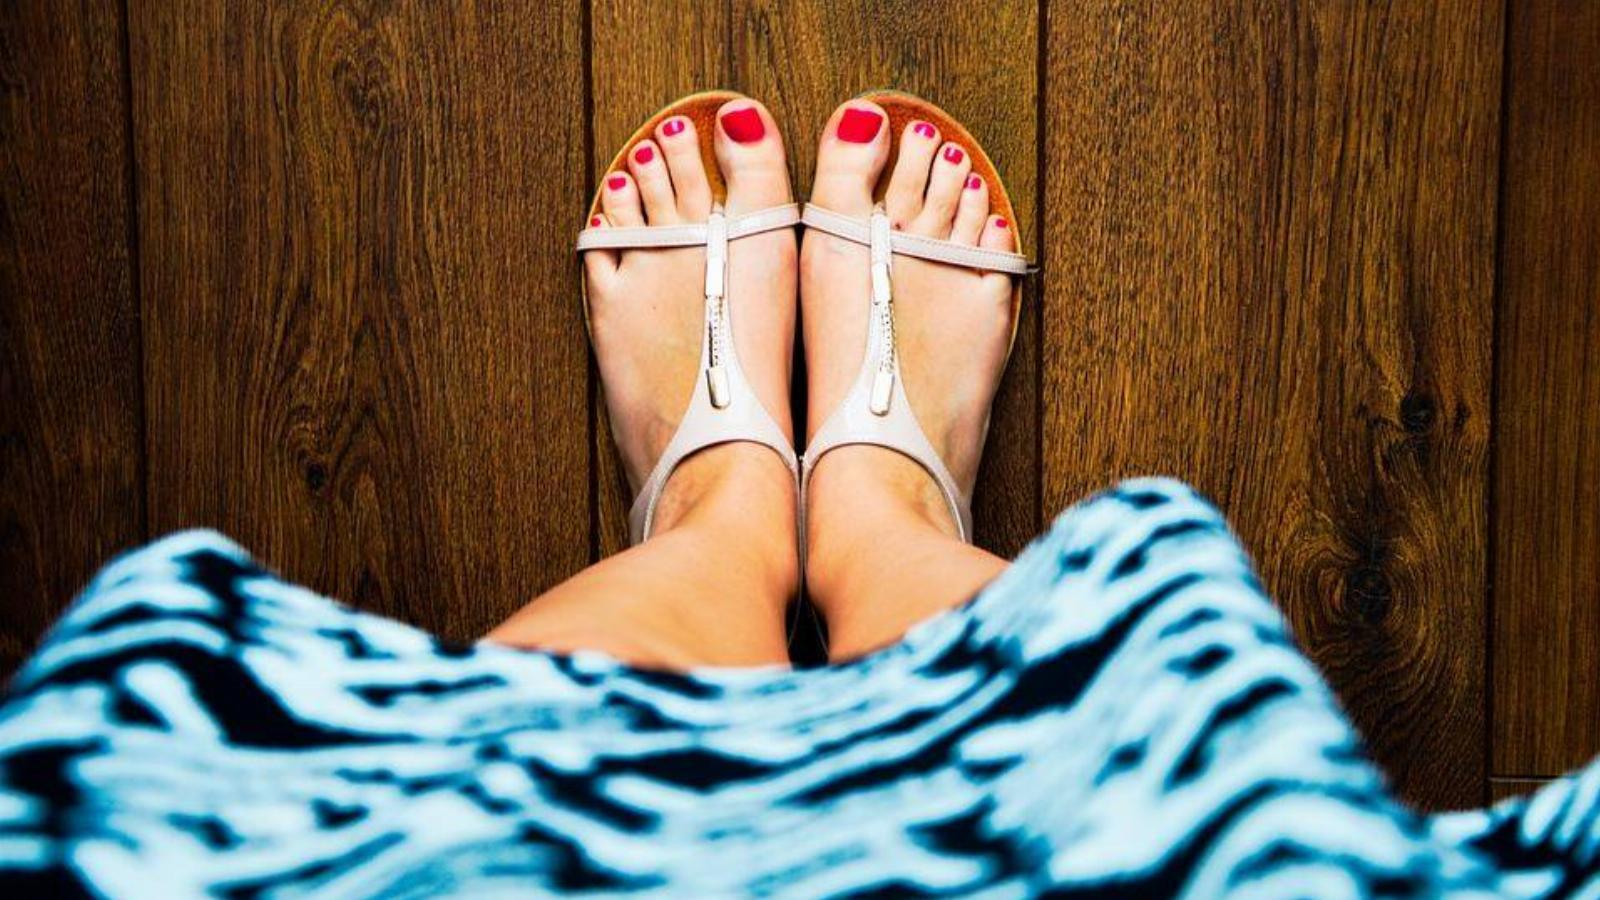 fájdalom a lábak ízületeiben időjárási körülmények között